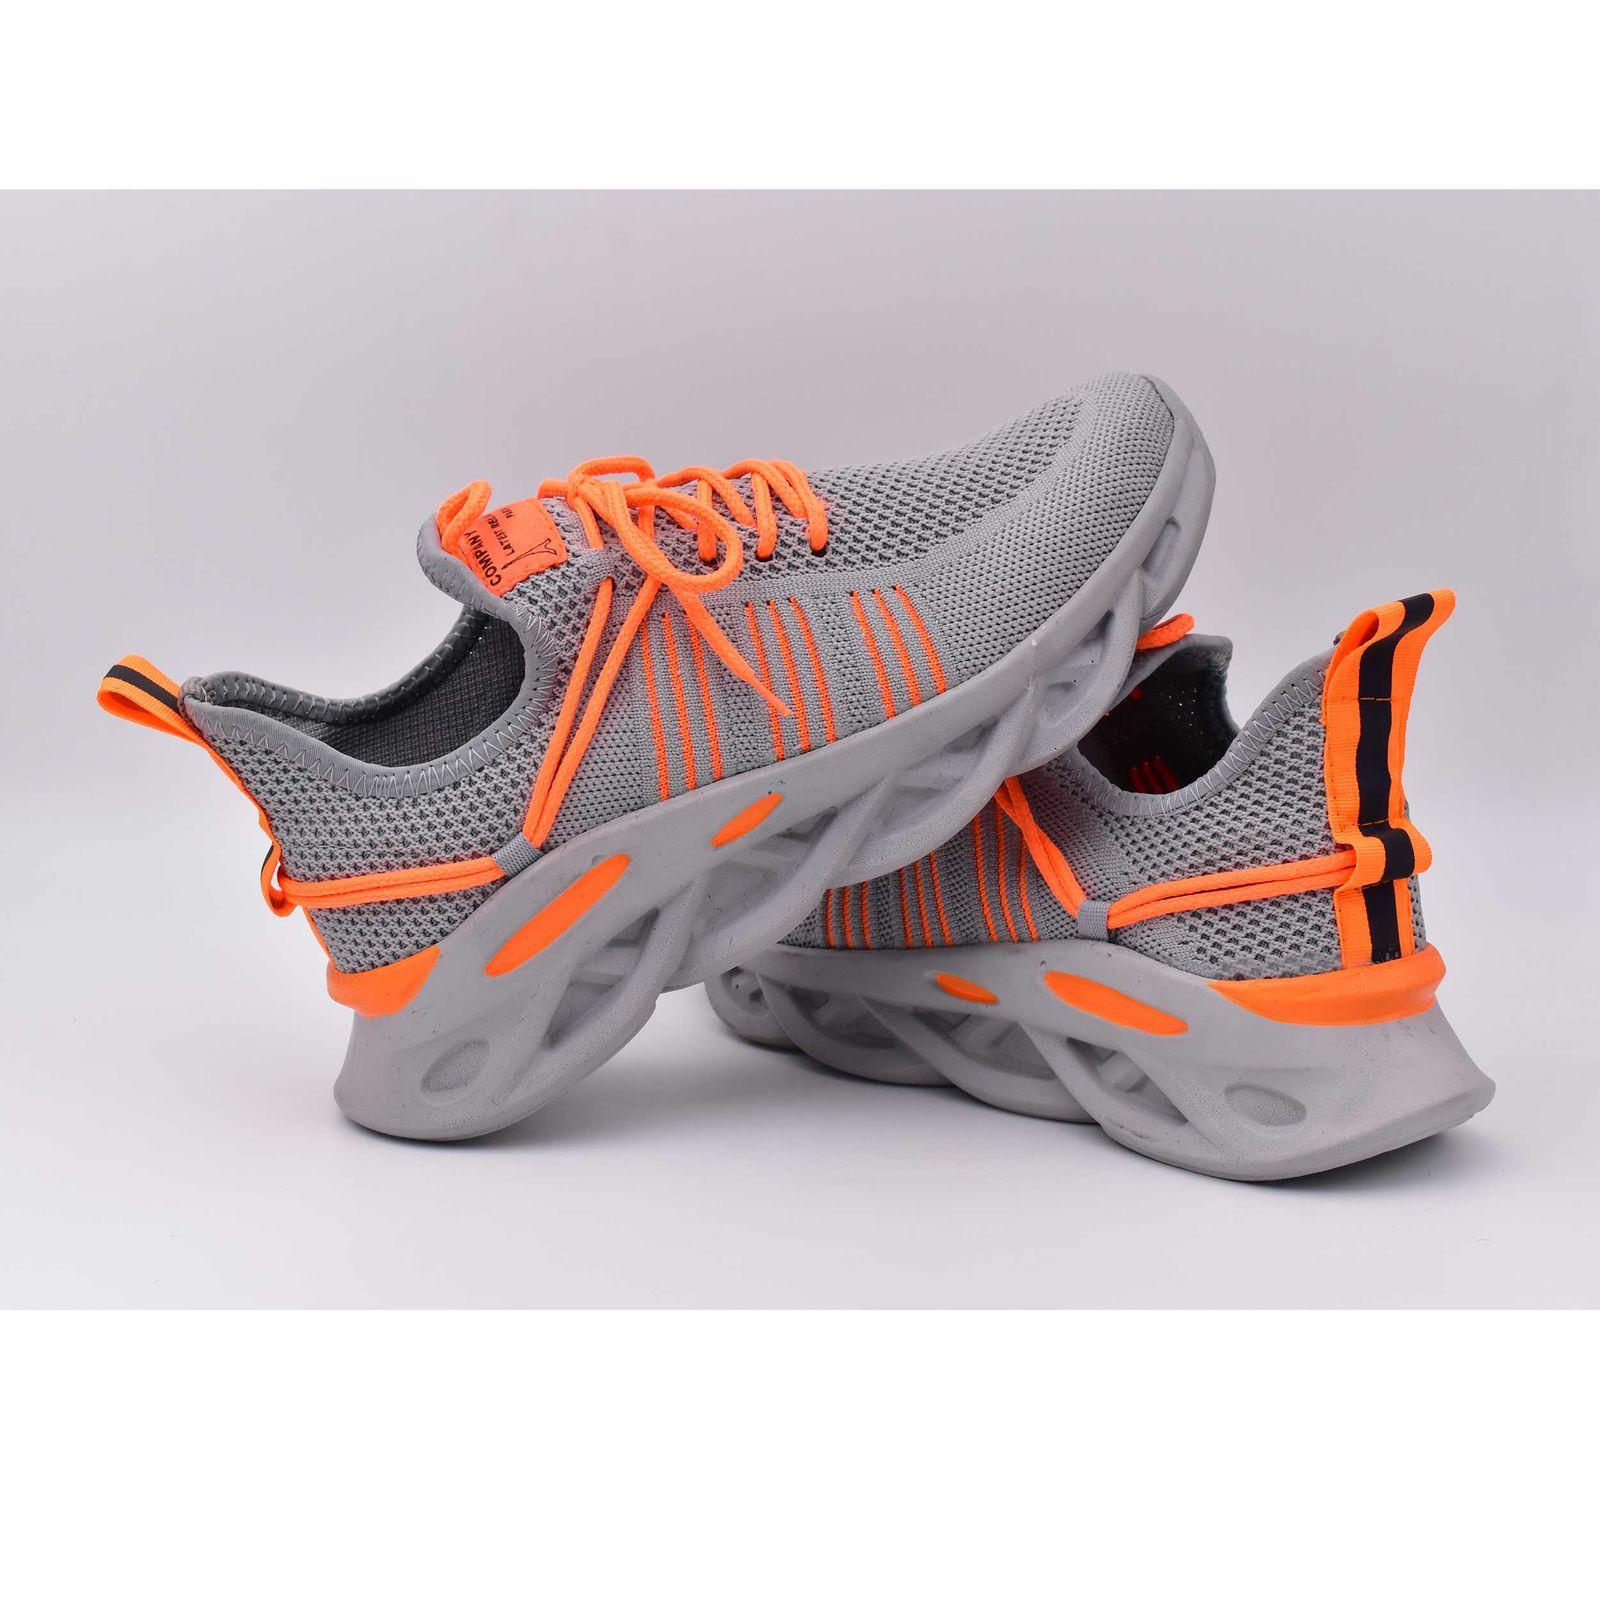 کفش دویدن مردانه مدل پارسا کد B1071-2 -  - 3